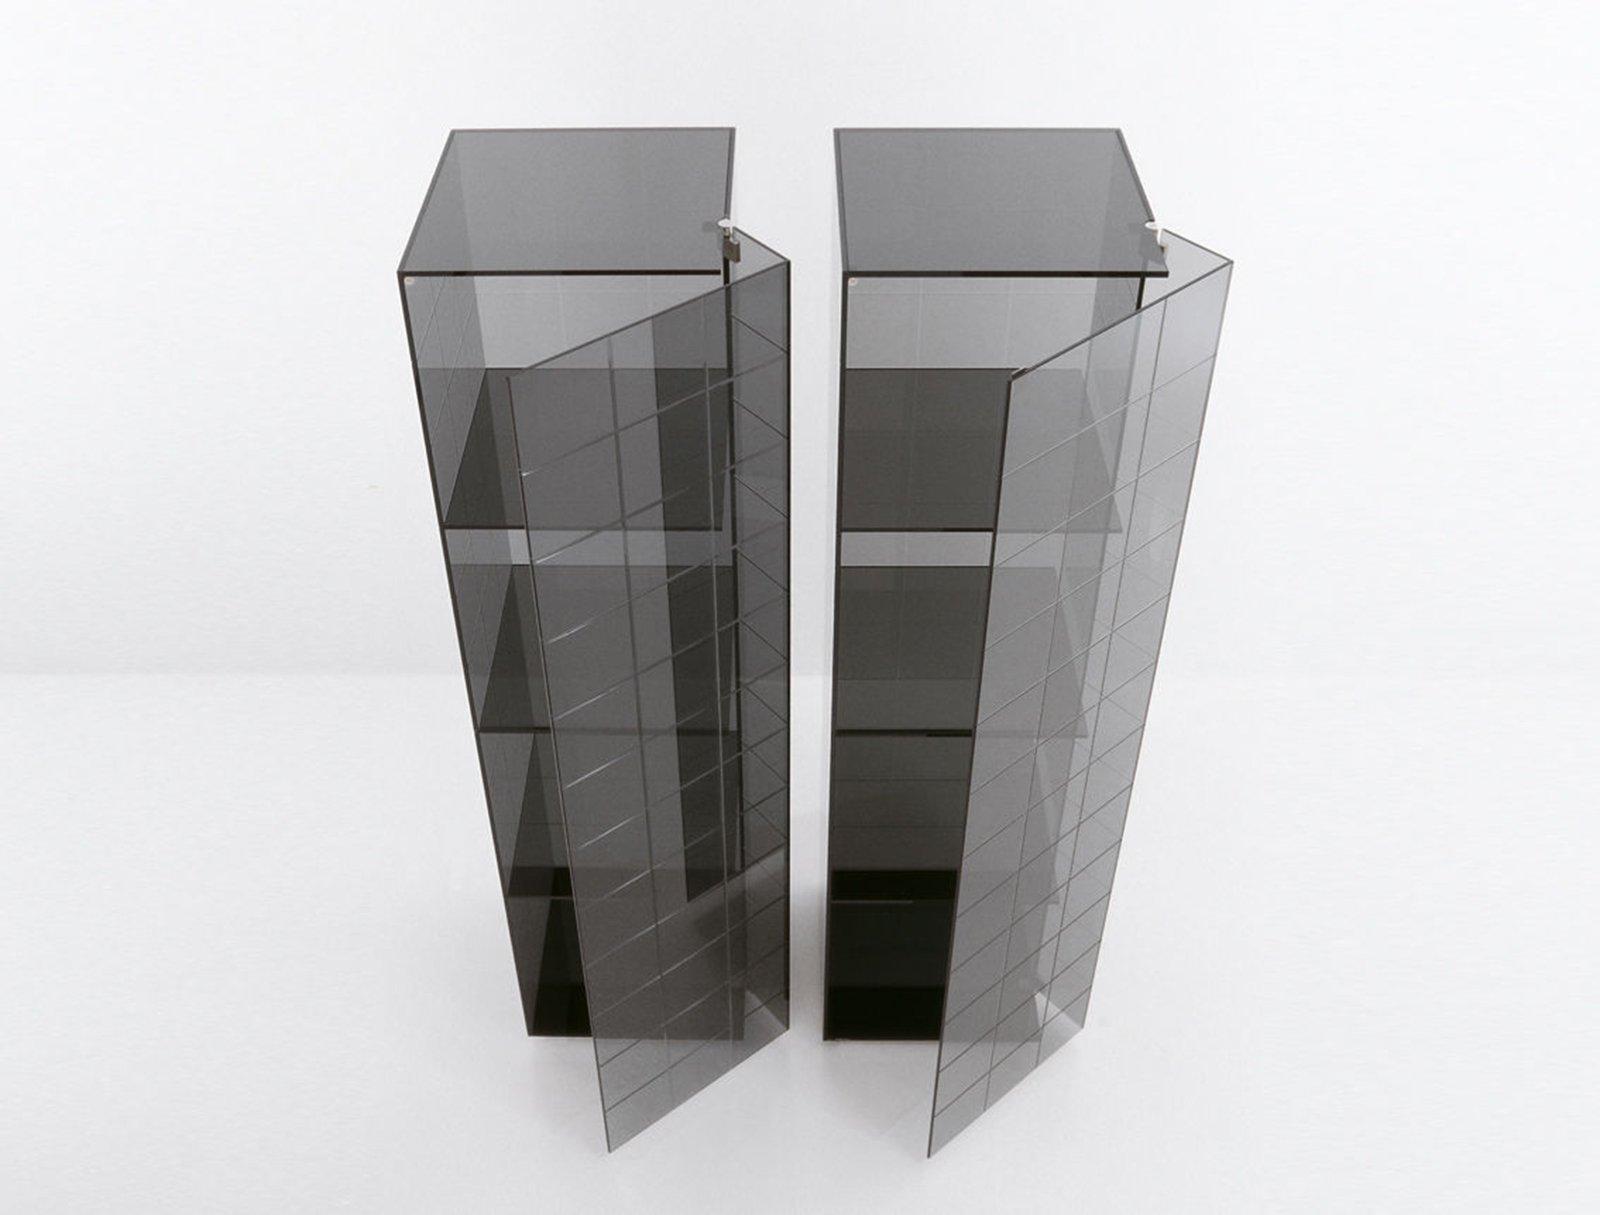 Mobili con anta in vetro cose di casa - Mobili in cristallo ...